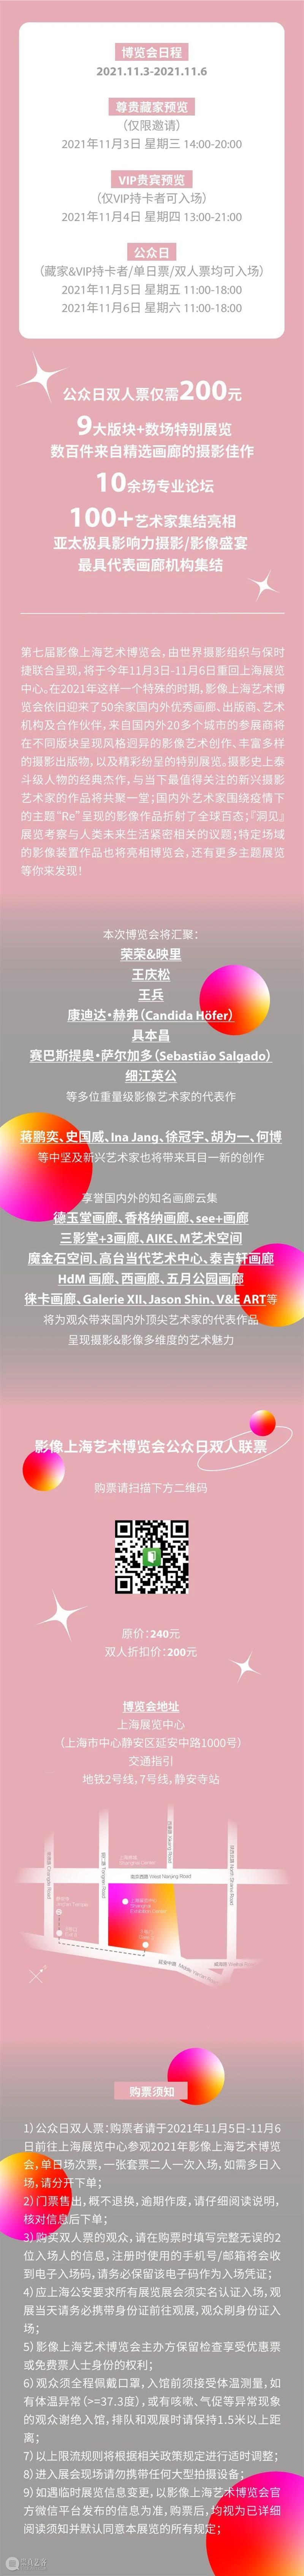 结伴同行,尽享优惠  PHOTOFAIRS 结伴同行 原文 影像 上海艺术博览会双人票 崇真艺客